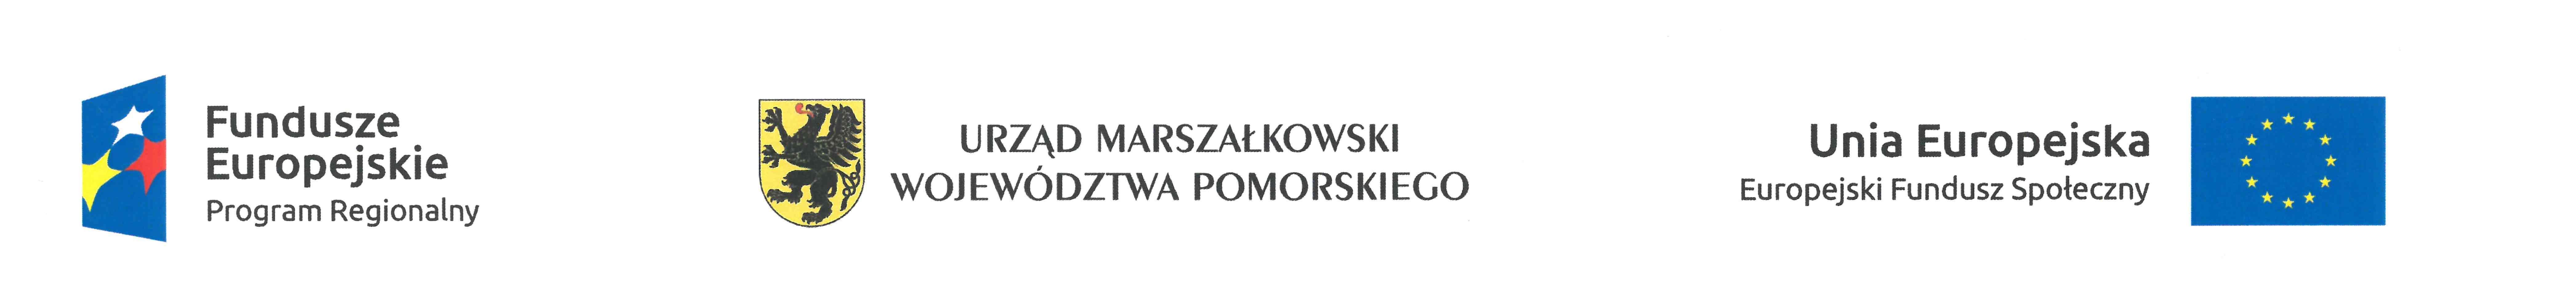 cropped-logo-z-pdf.jpg